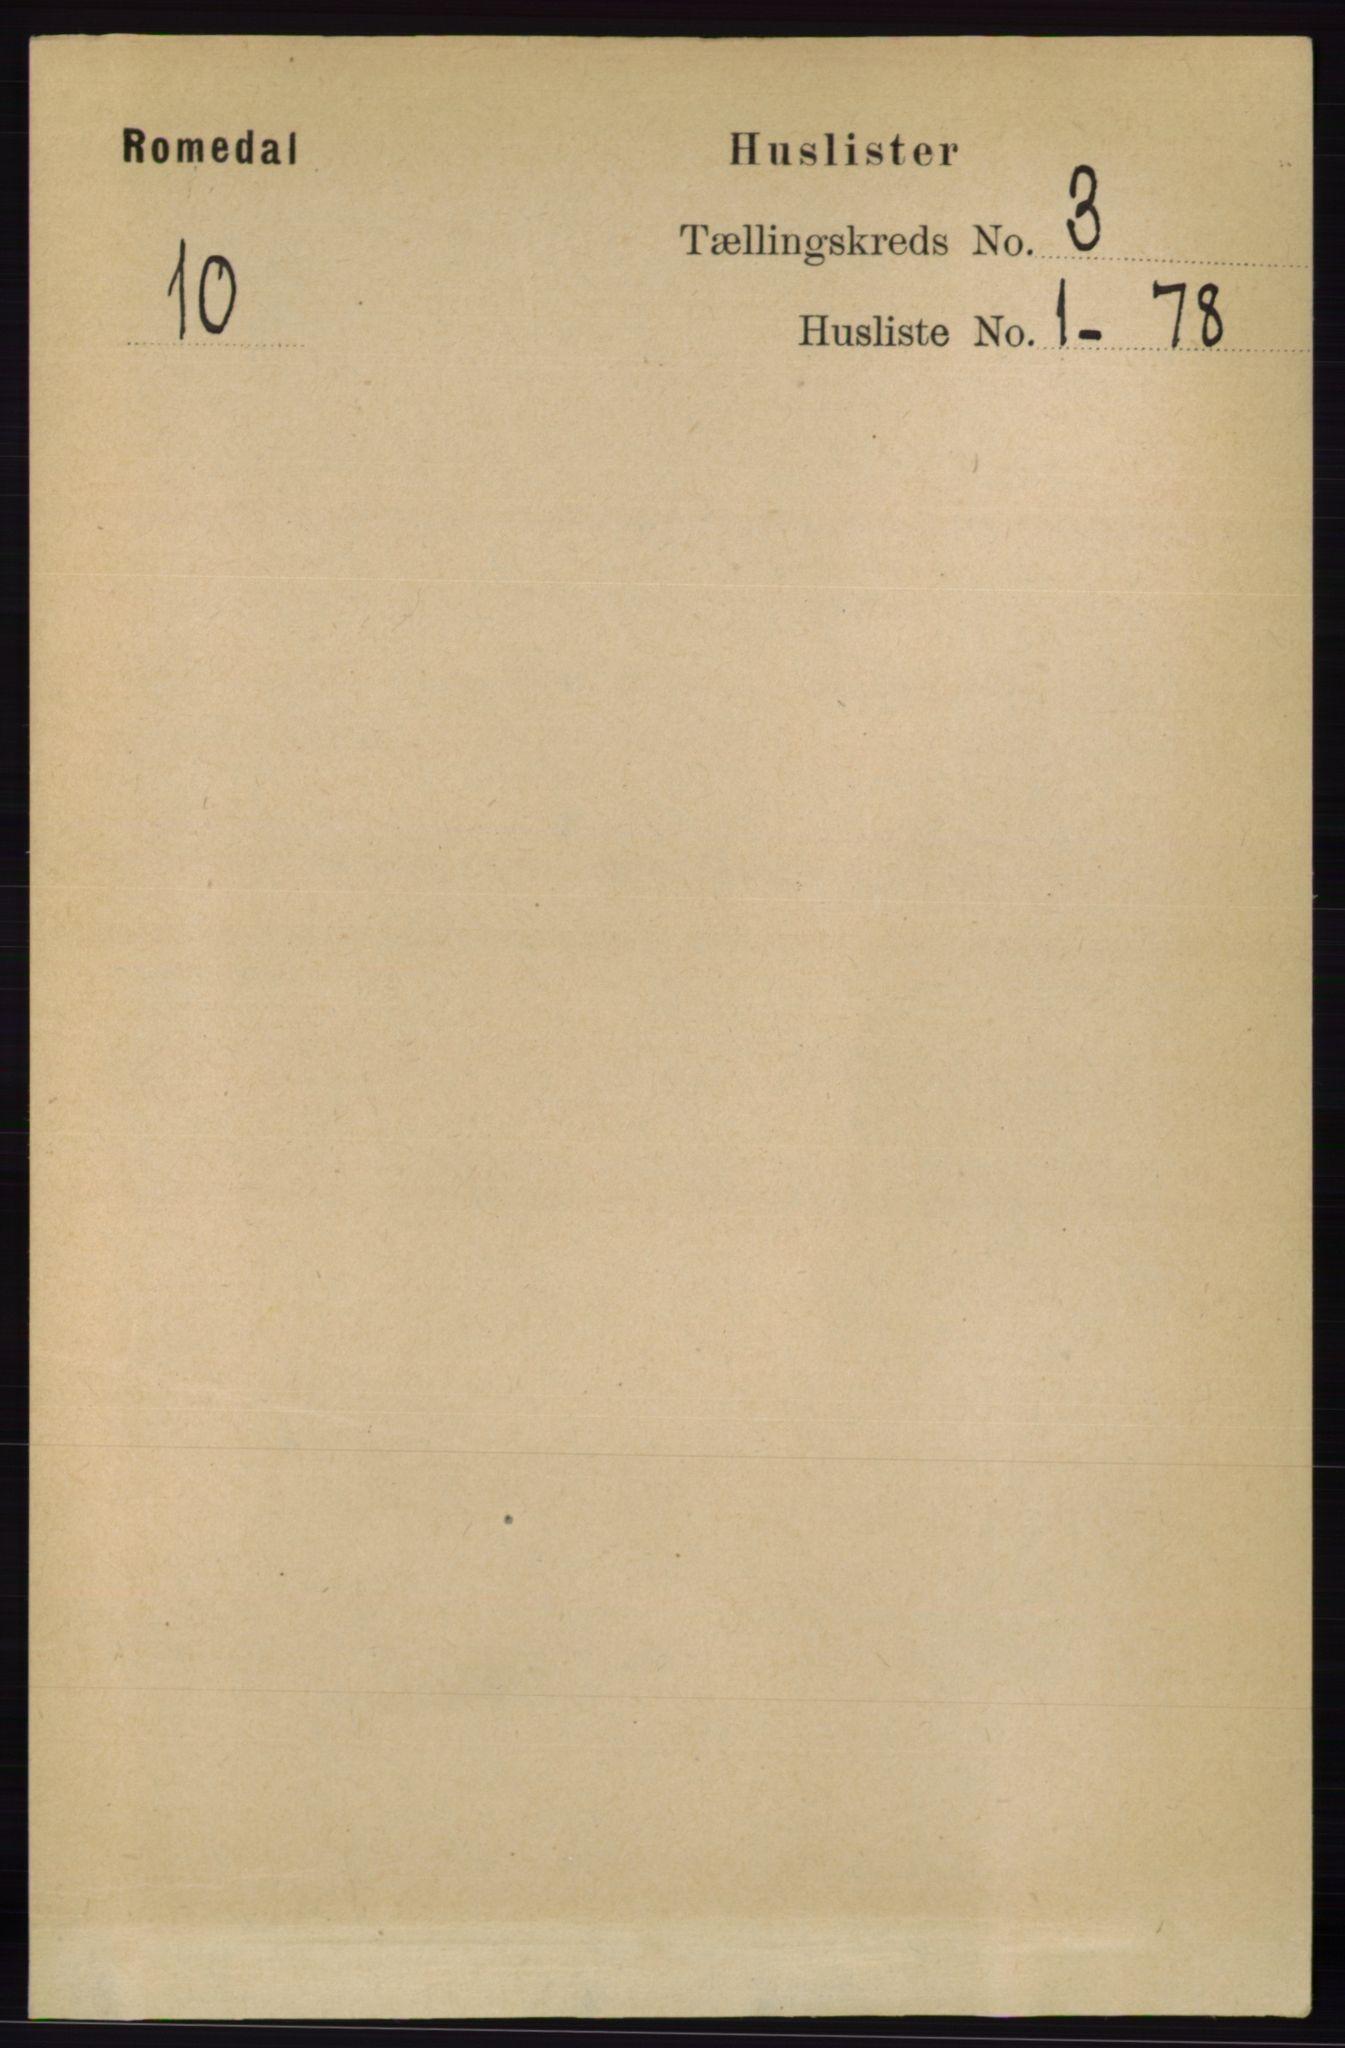 RA, Folketelling 1891 for 0416 Romedal herred, 1891, s. 1337